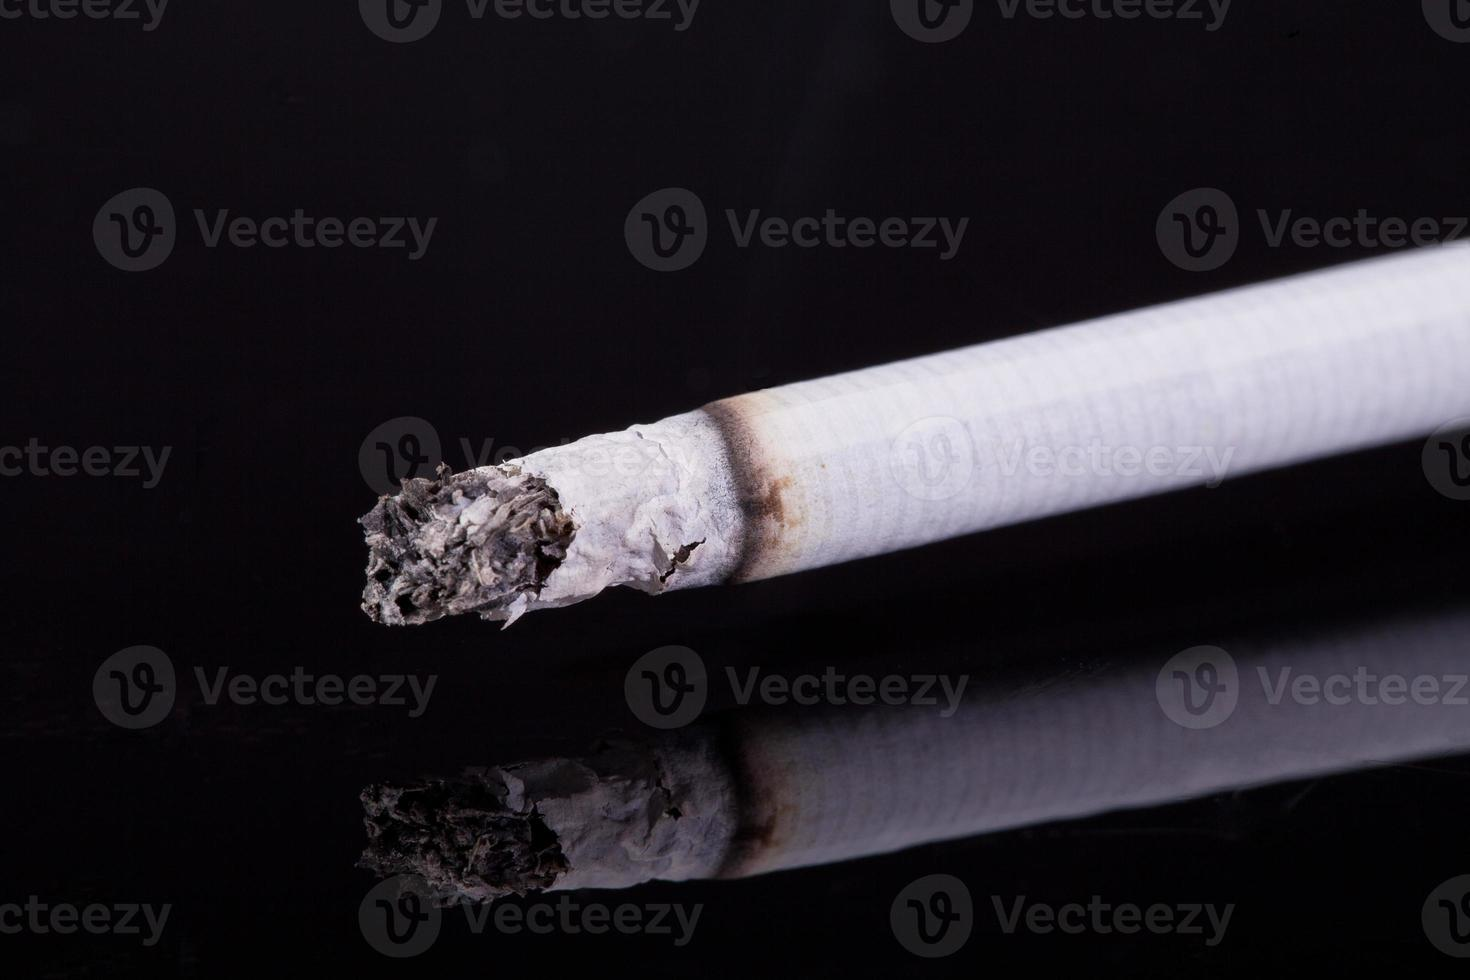 enkele brandende sigaret met as geïsoleerd op zwarte achtergrond foto